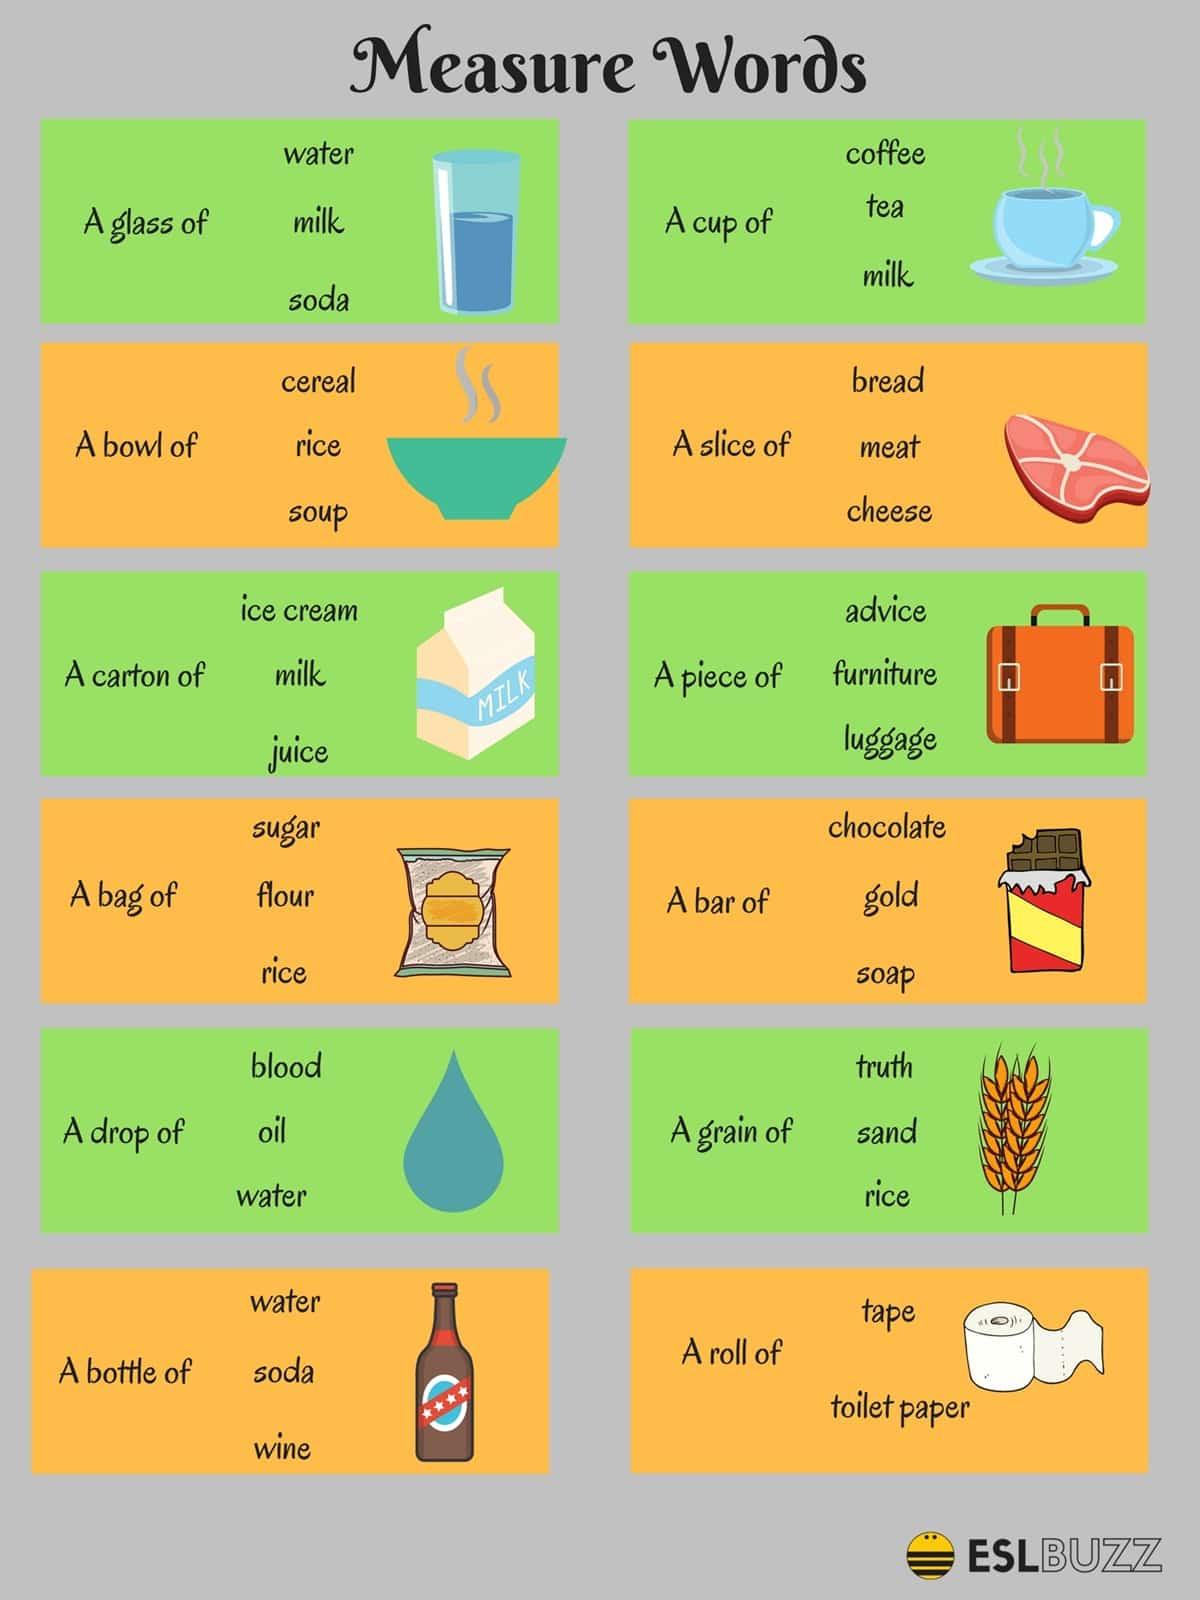 Contoh Noun Phrase : contoh, phrase, English, Grammar:, Measure, Words, Uncountable, Nouns, ESLBuzz, Learning